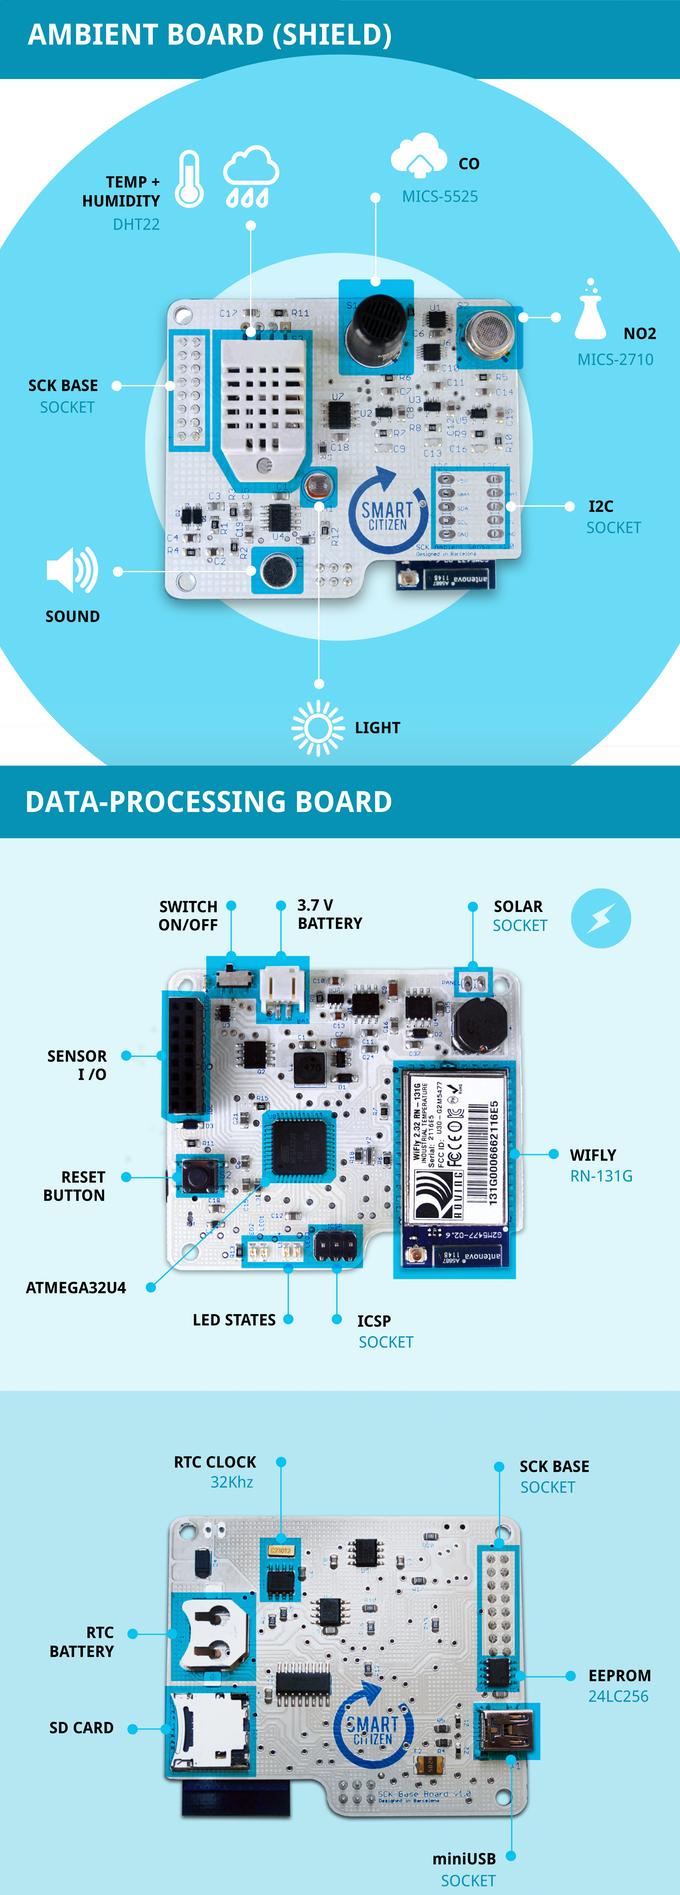 převzato z https://www.kickstarter.com/projects/acrobotic/the-smart-citizen-kit-crowdsourced-environmental-m/description